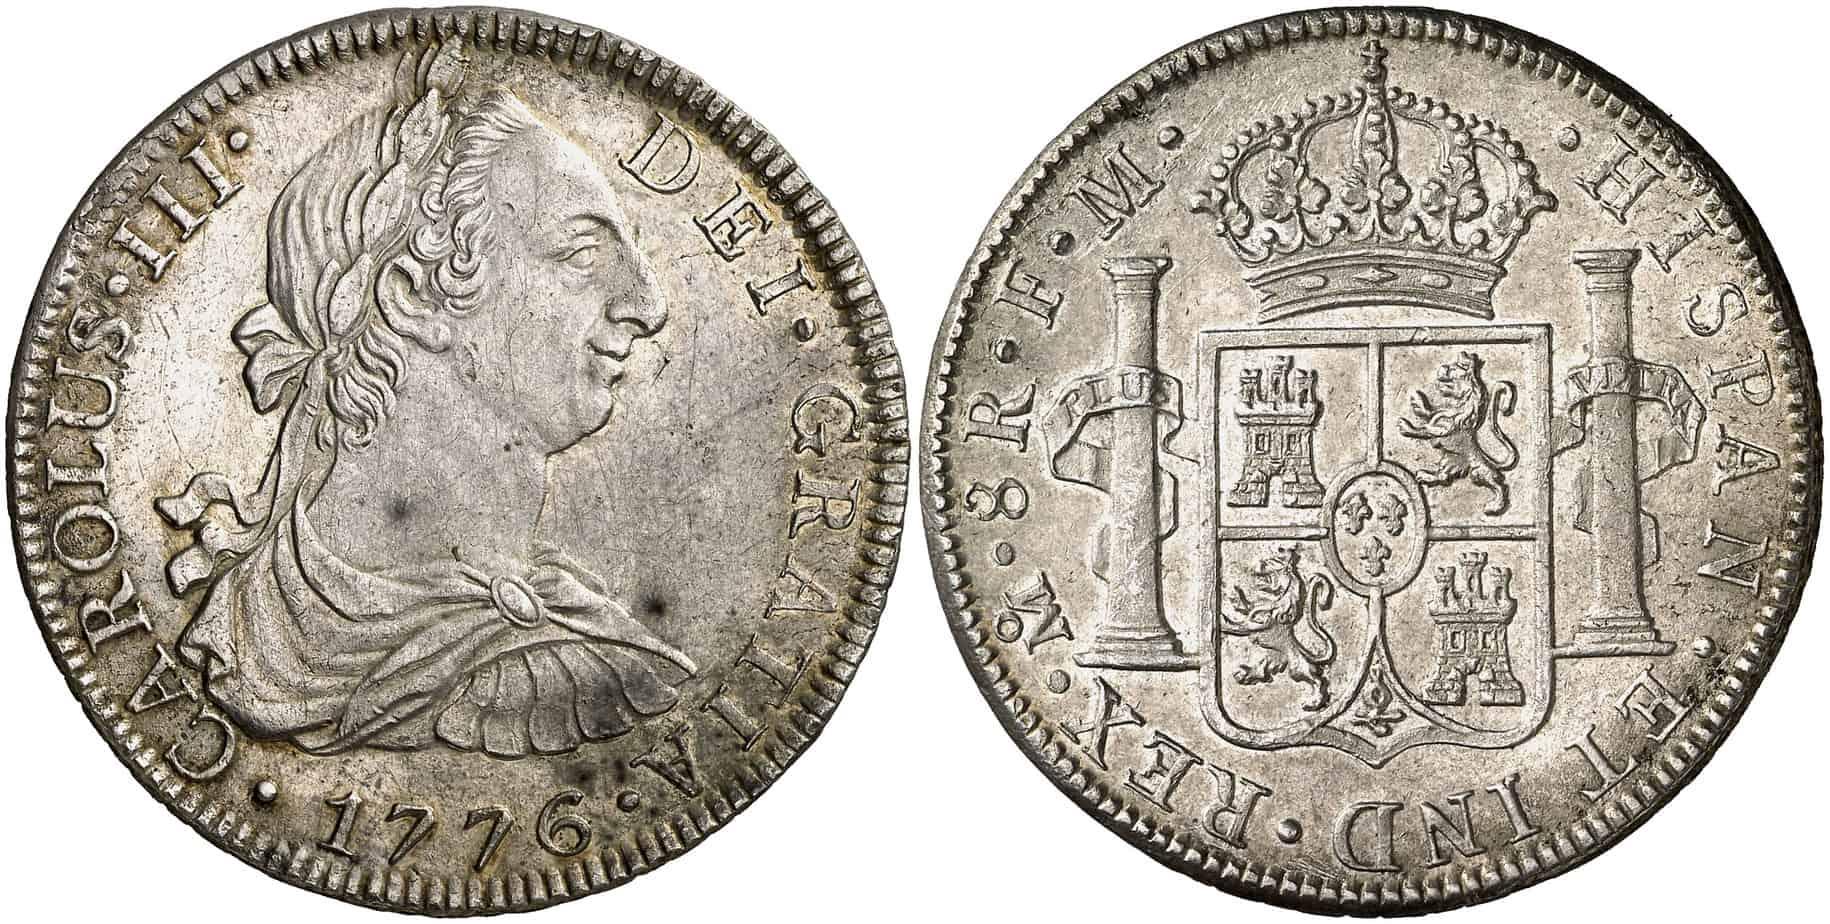 8 reales de México de 1776. Subastado por Áureo & Calicó en julio de 2008.